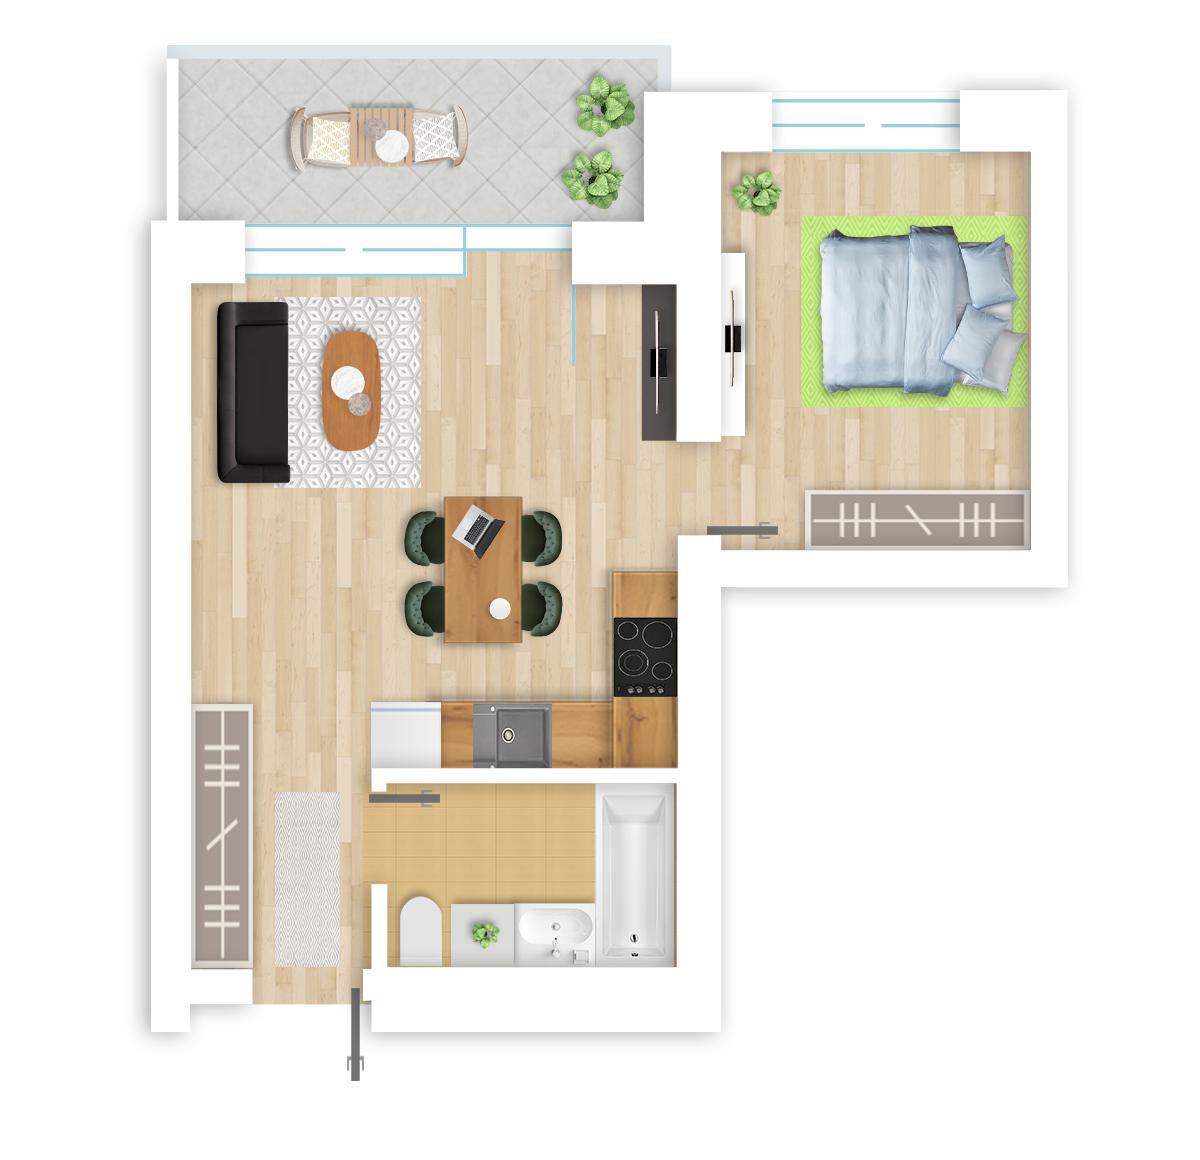 parduodamas butas Lazdynėlių g. 16 - 52 Vilniuje, buto 3D vaizdas